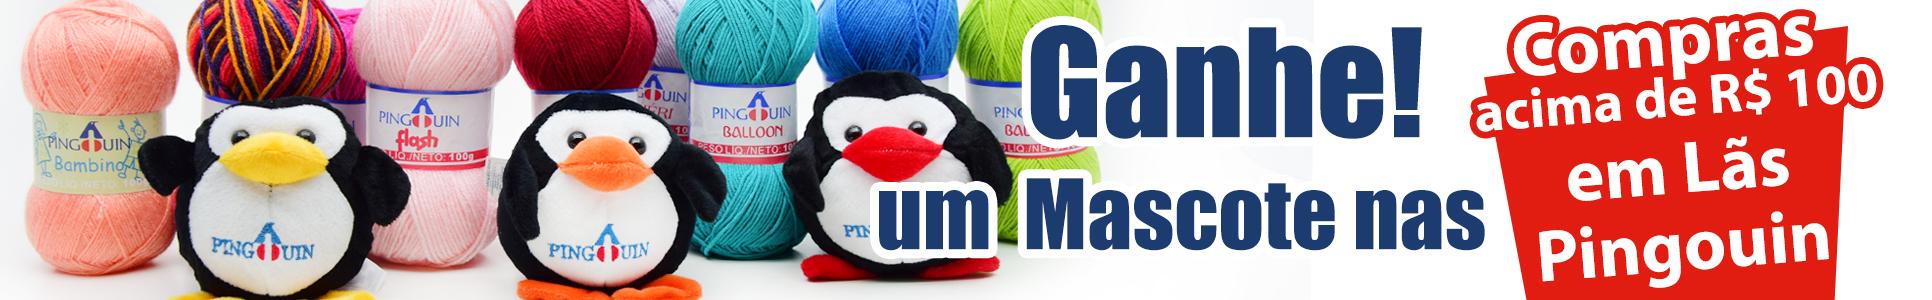 Promoção Mascote pingouin